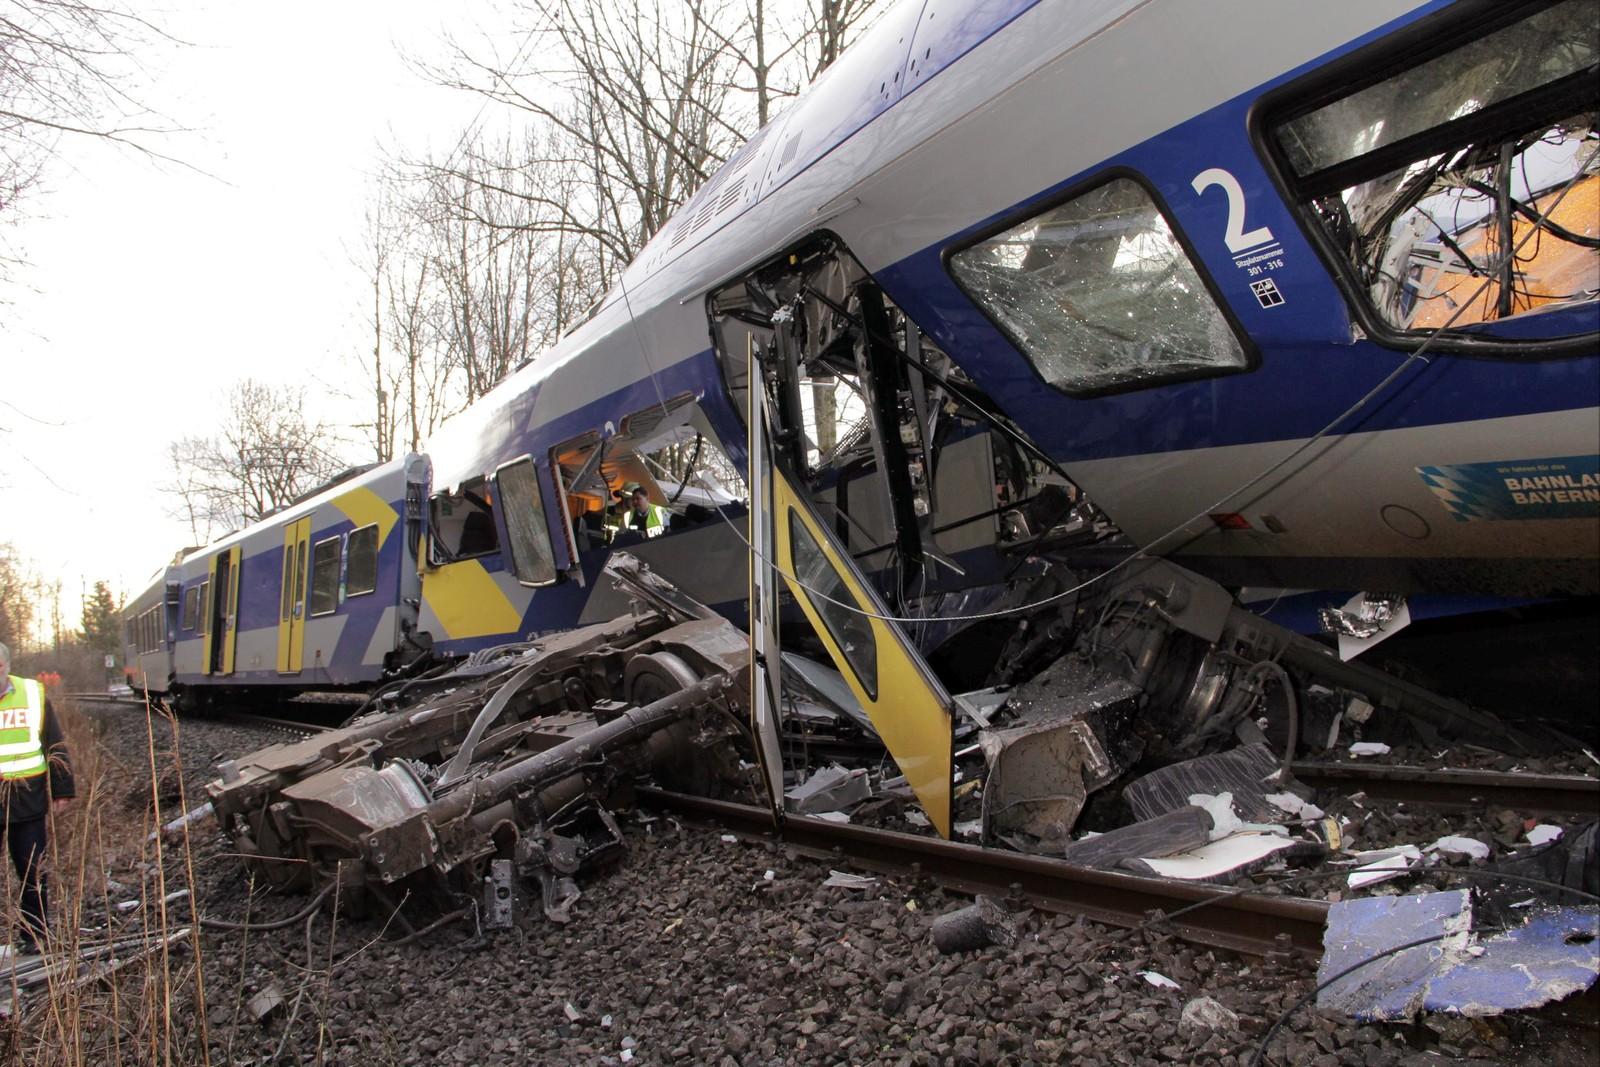 Det ene toget sporet av, og flere av vognene veltet på grunn av kollisjonen.